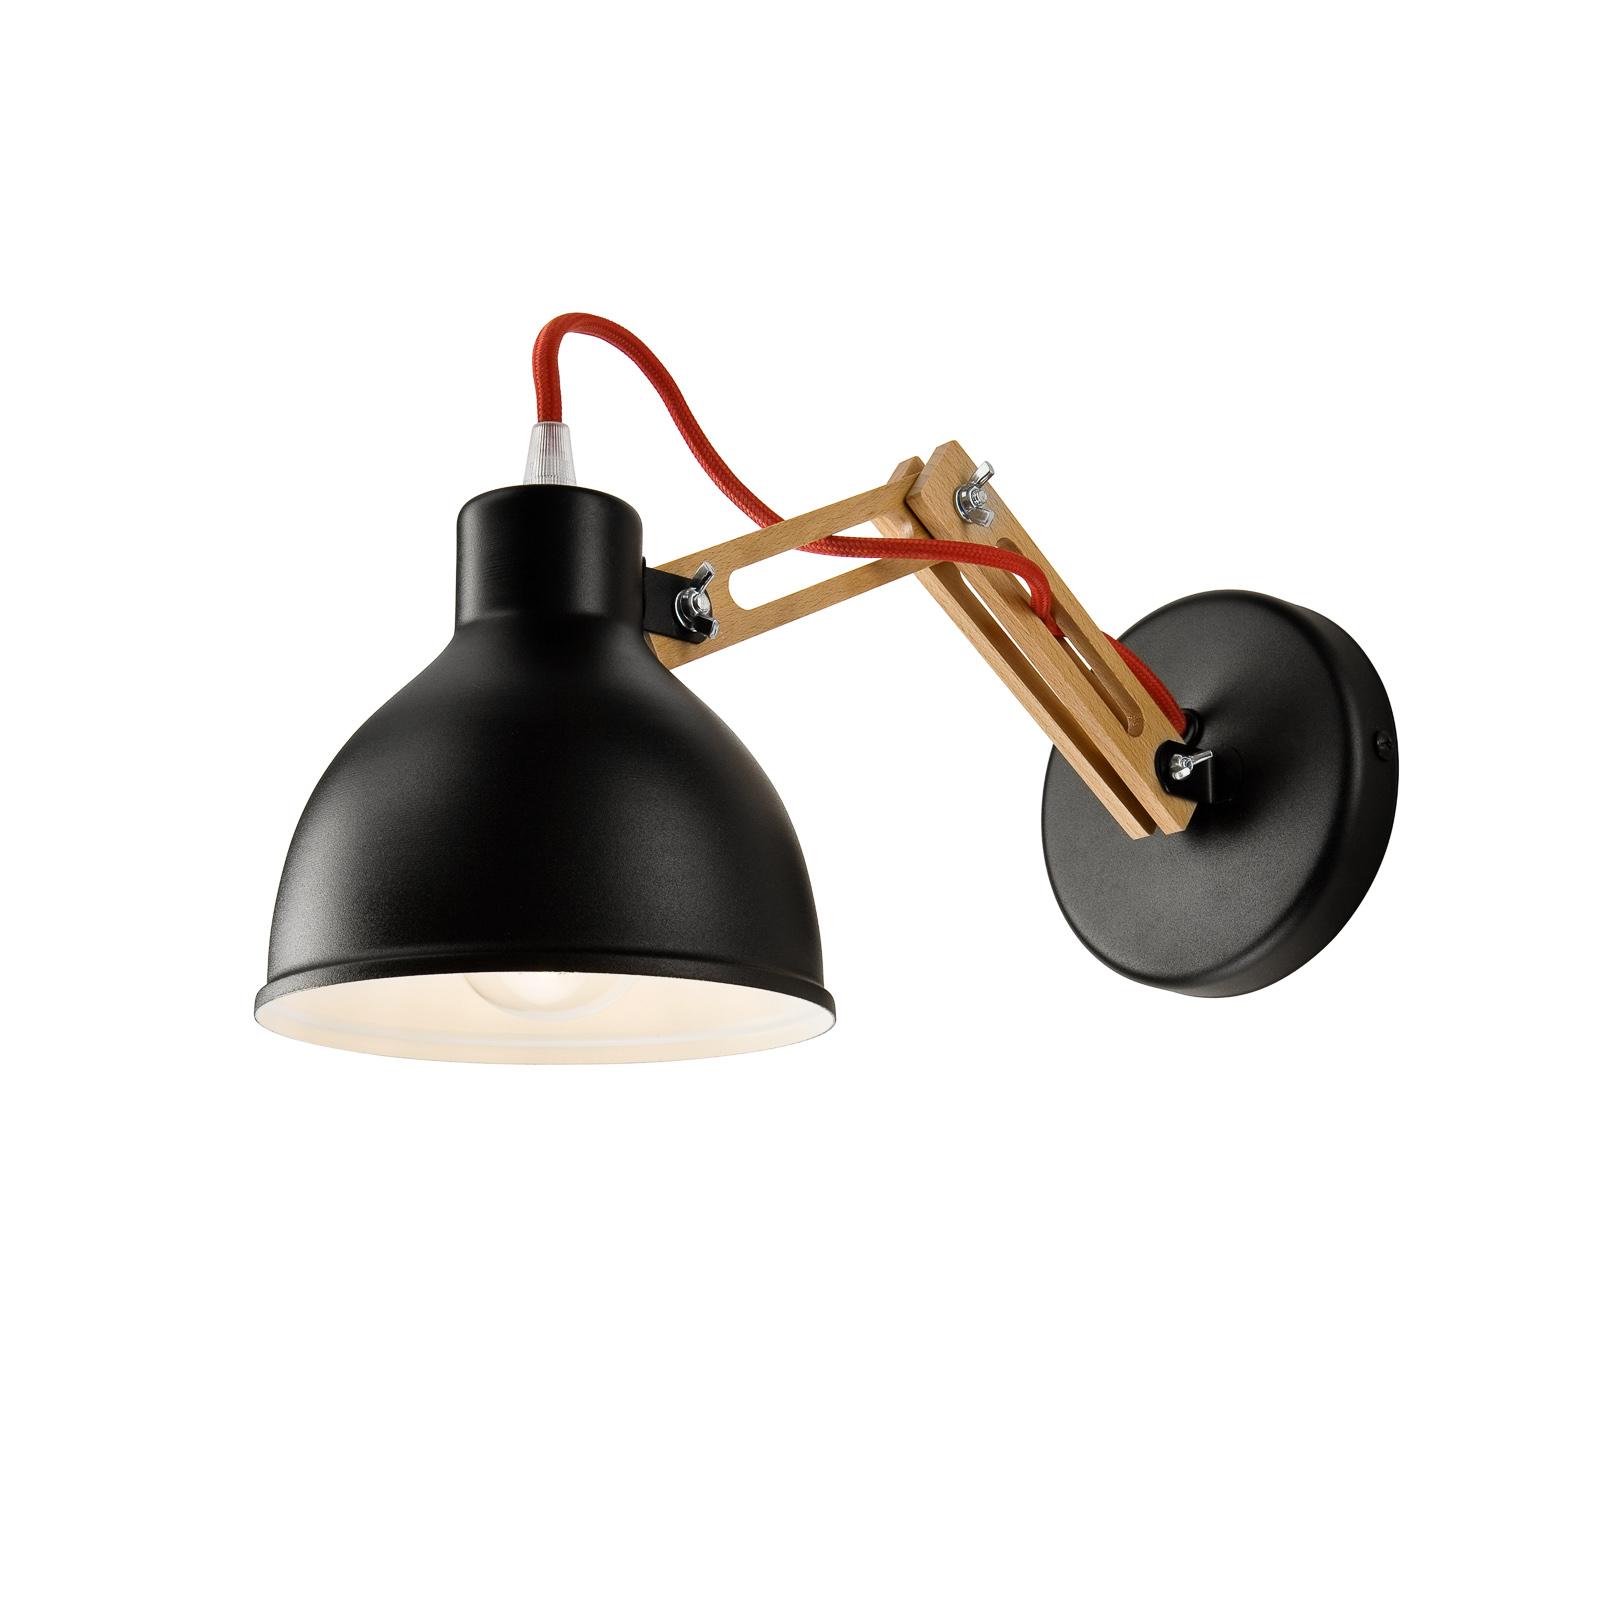 Skansen væglampe, justerbar træarm, sort